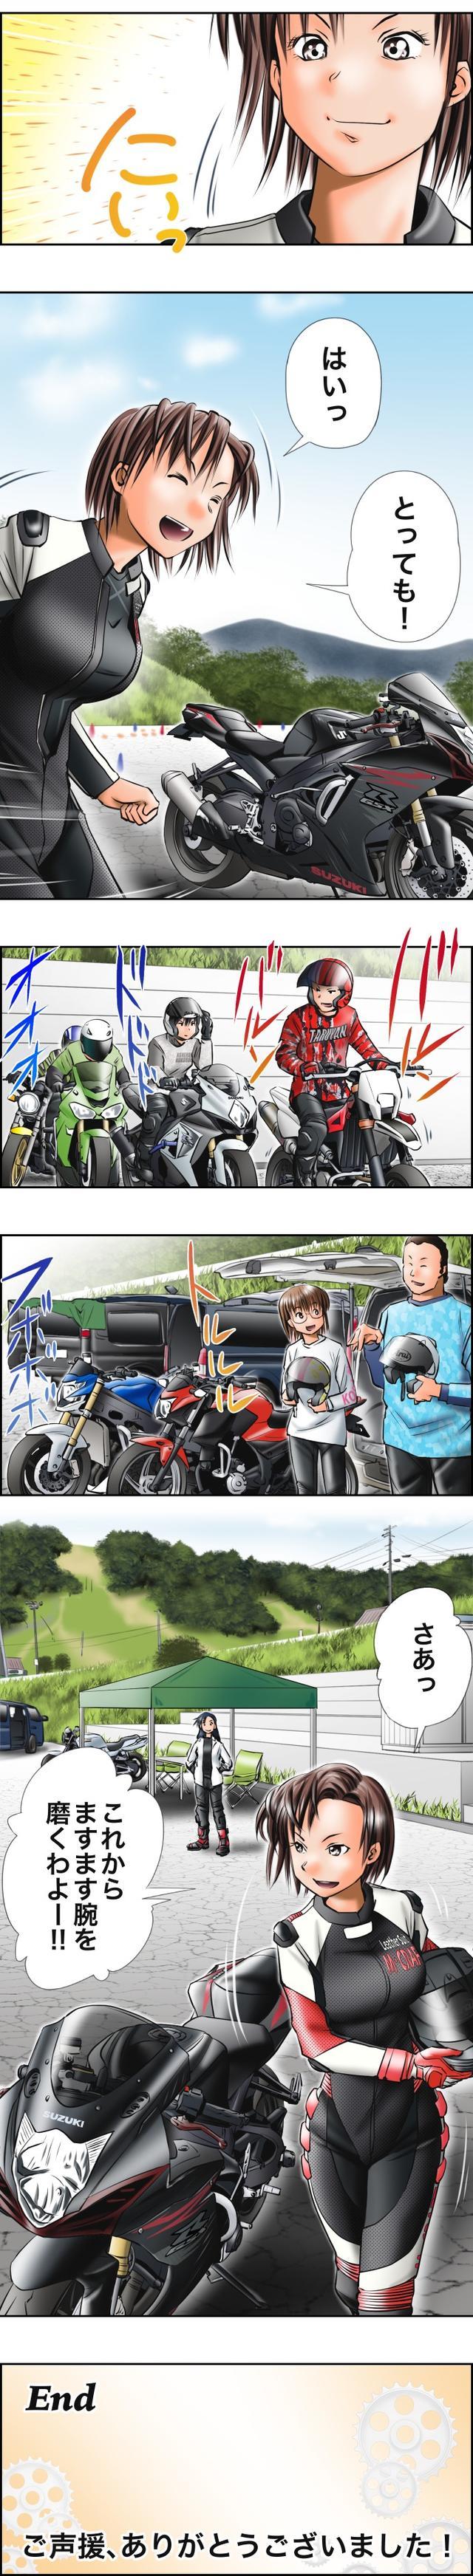 画像8: 「5」の付く日は「Motoジム!の日」!